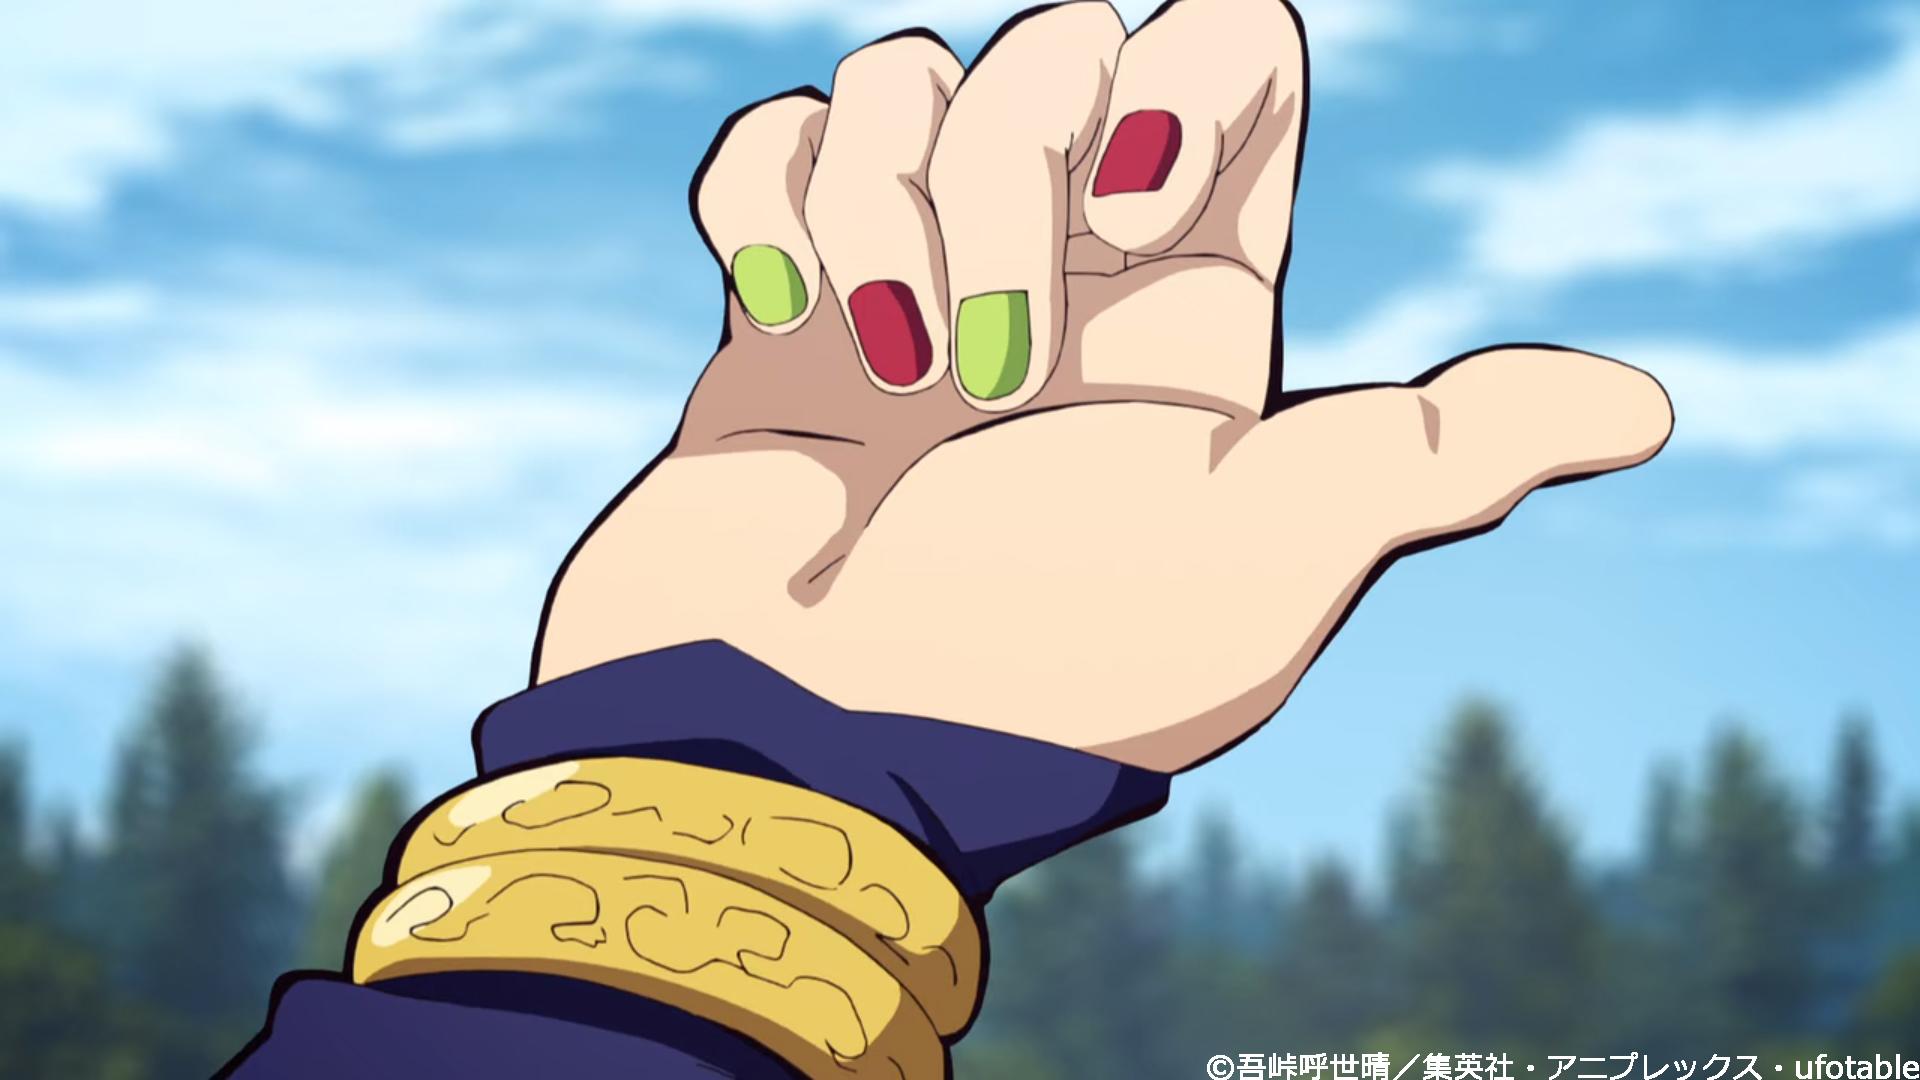 鬼滅の刃宇髄天元ネイル爪ブレスレットアニメ画像